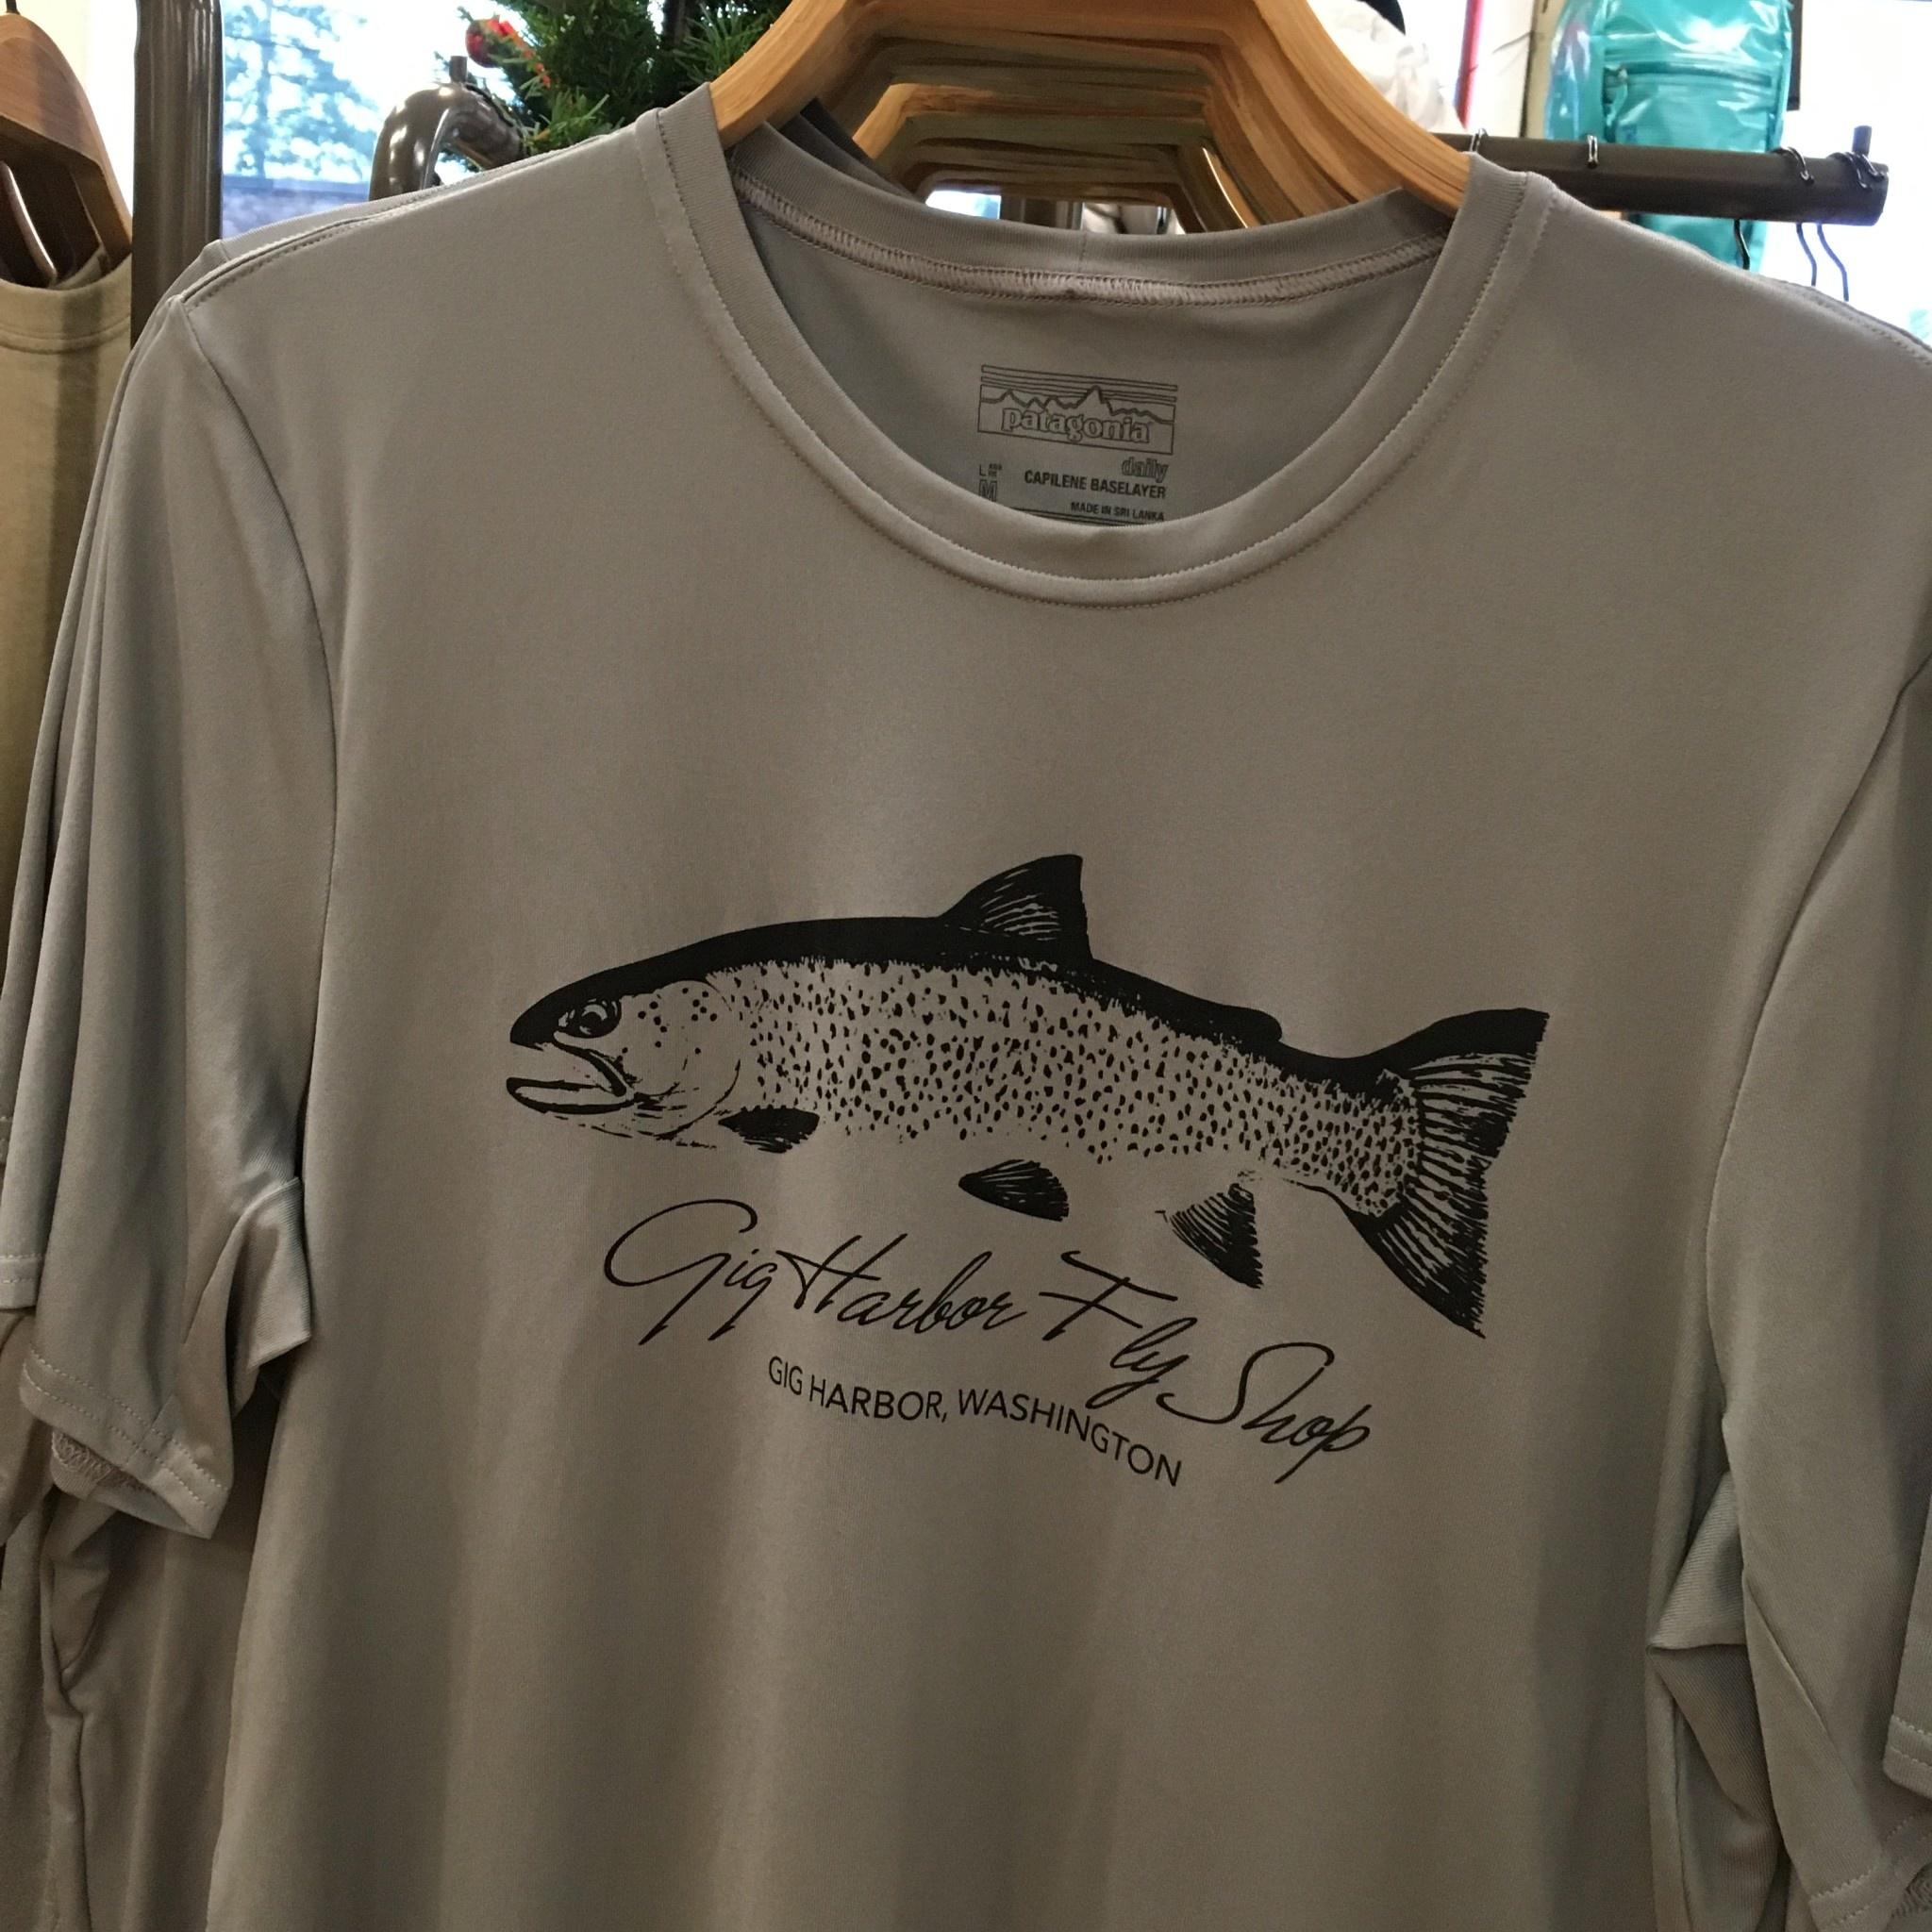 Patagonia Patagonia M's S/S Cap Daily T-Shirt - Sea Run Cutthroat,